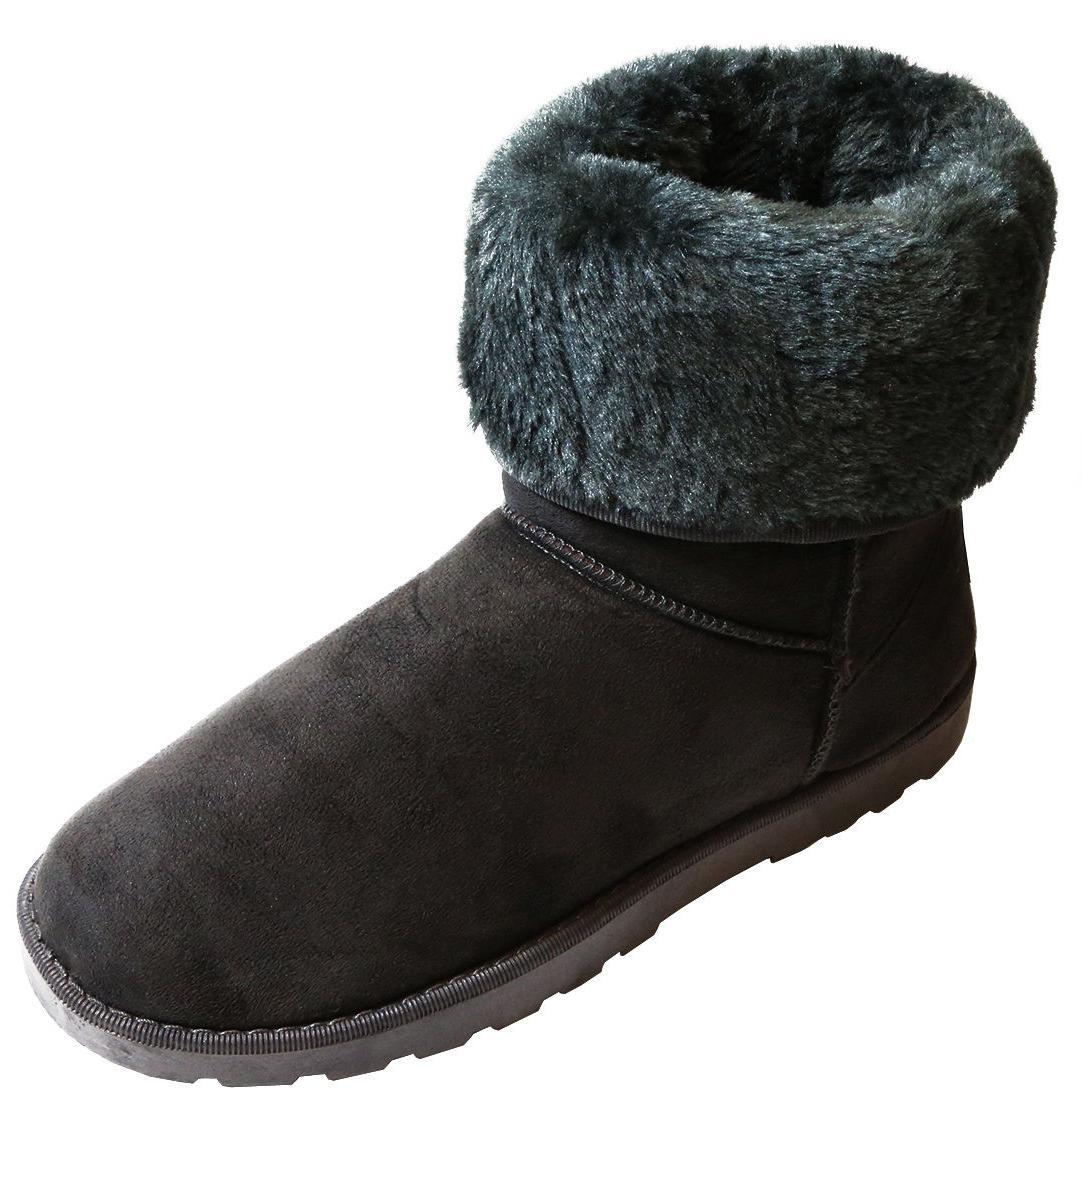 Winter Boots Fur Warm Fashion Plush 4